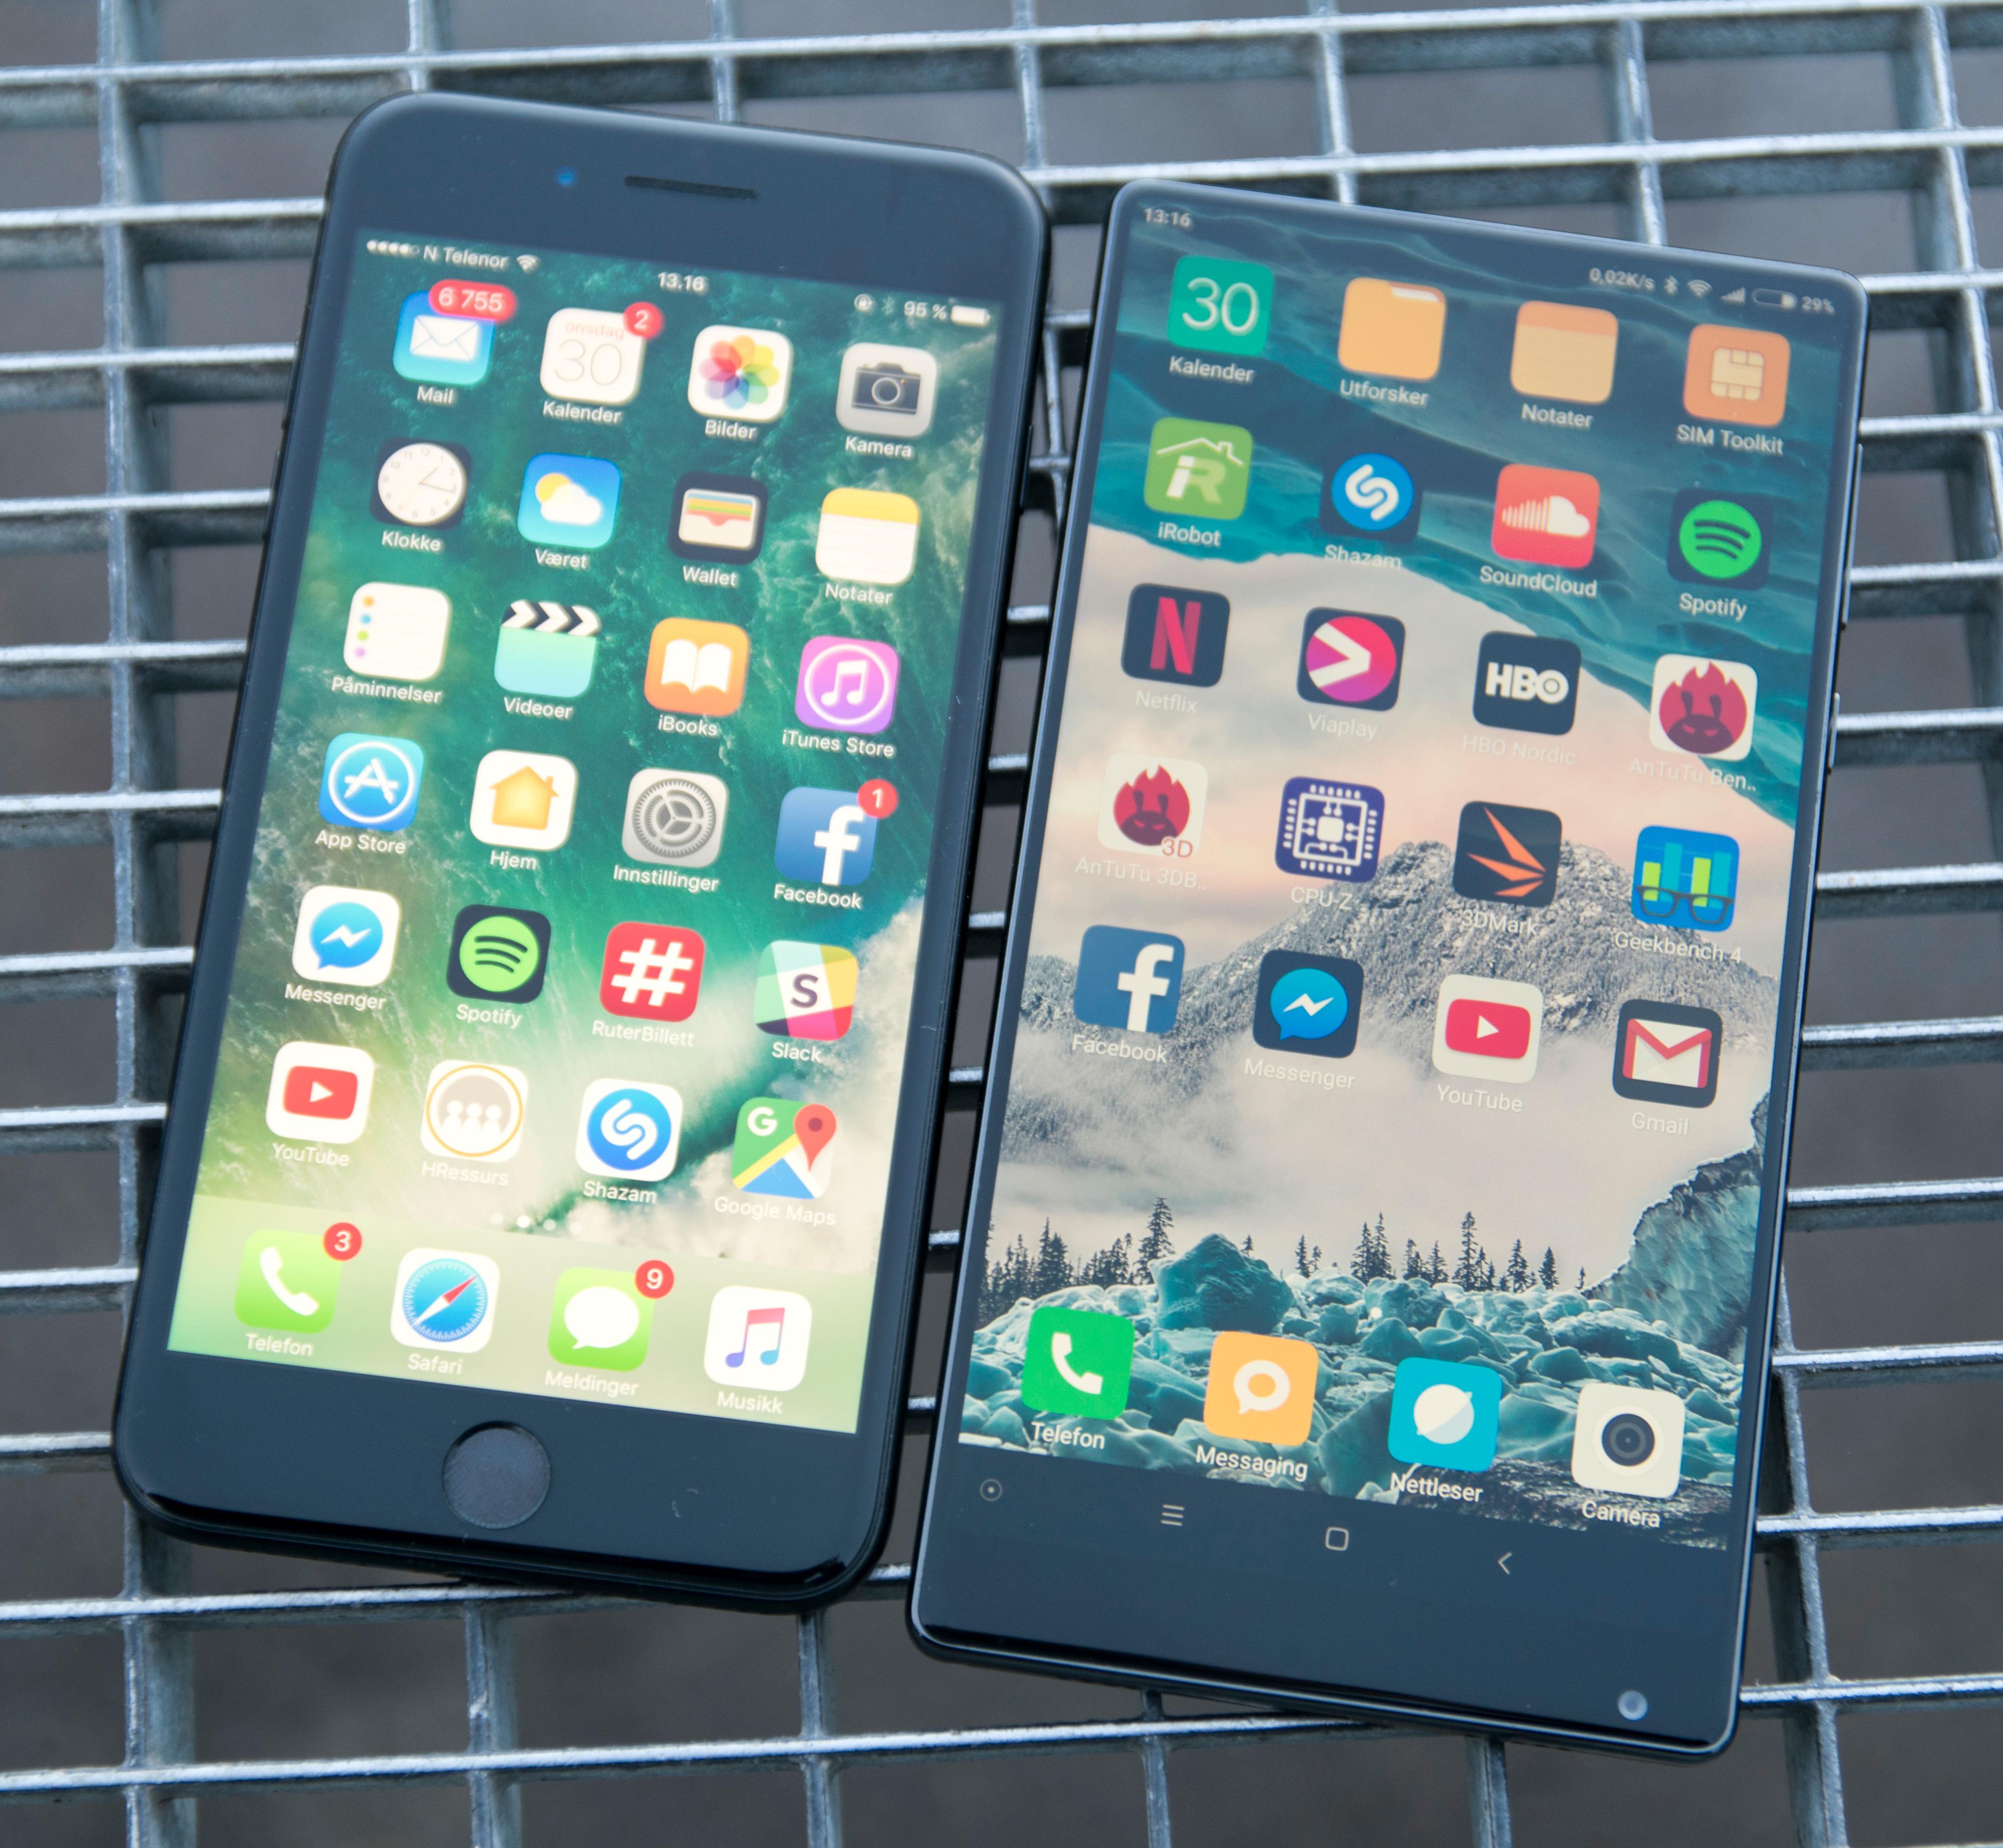 Klarer du å holde en iPhone Plus klarer du å holde Mi Mix også. Skjermen er vesentlig større, men et raskt sveip kan krympe skjermbildet ned til størrelsen tomlene dine foretrekker.